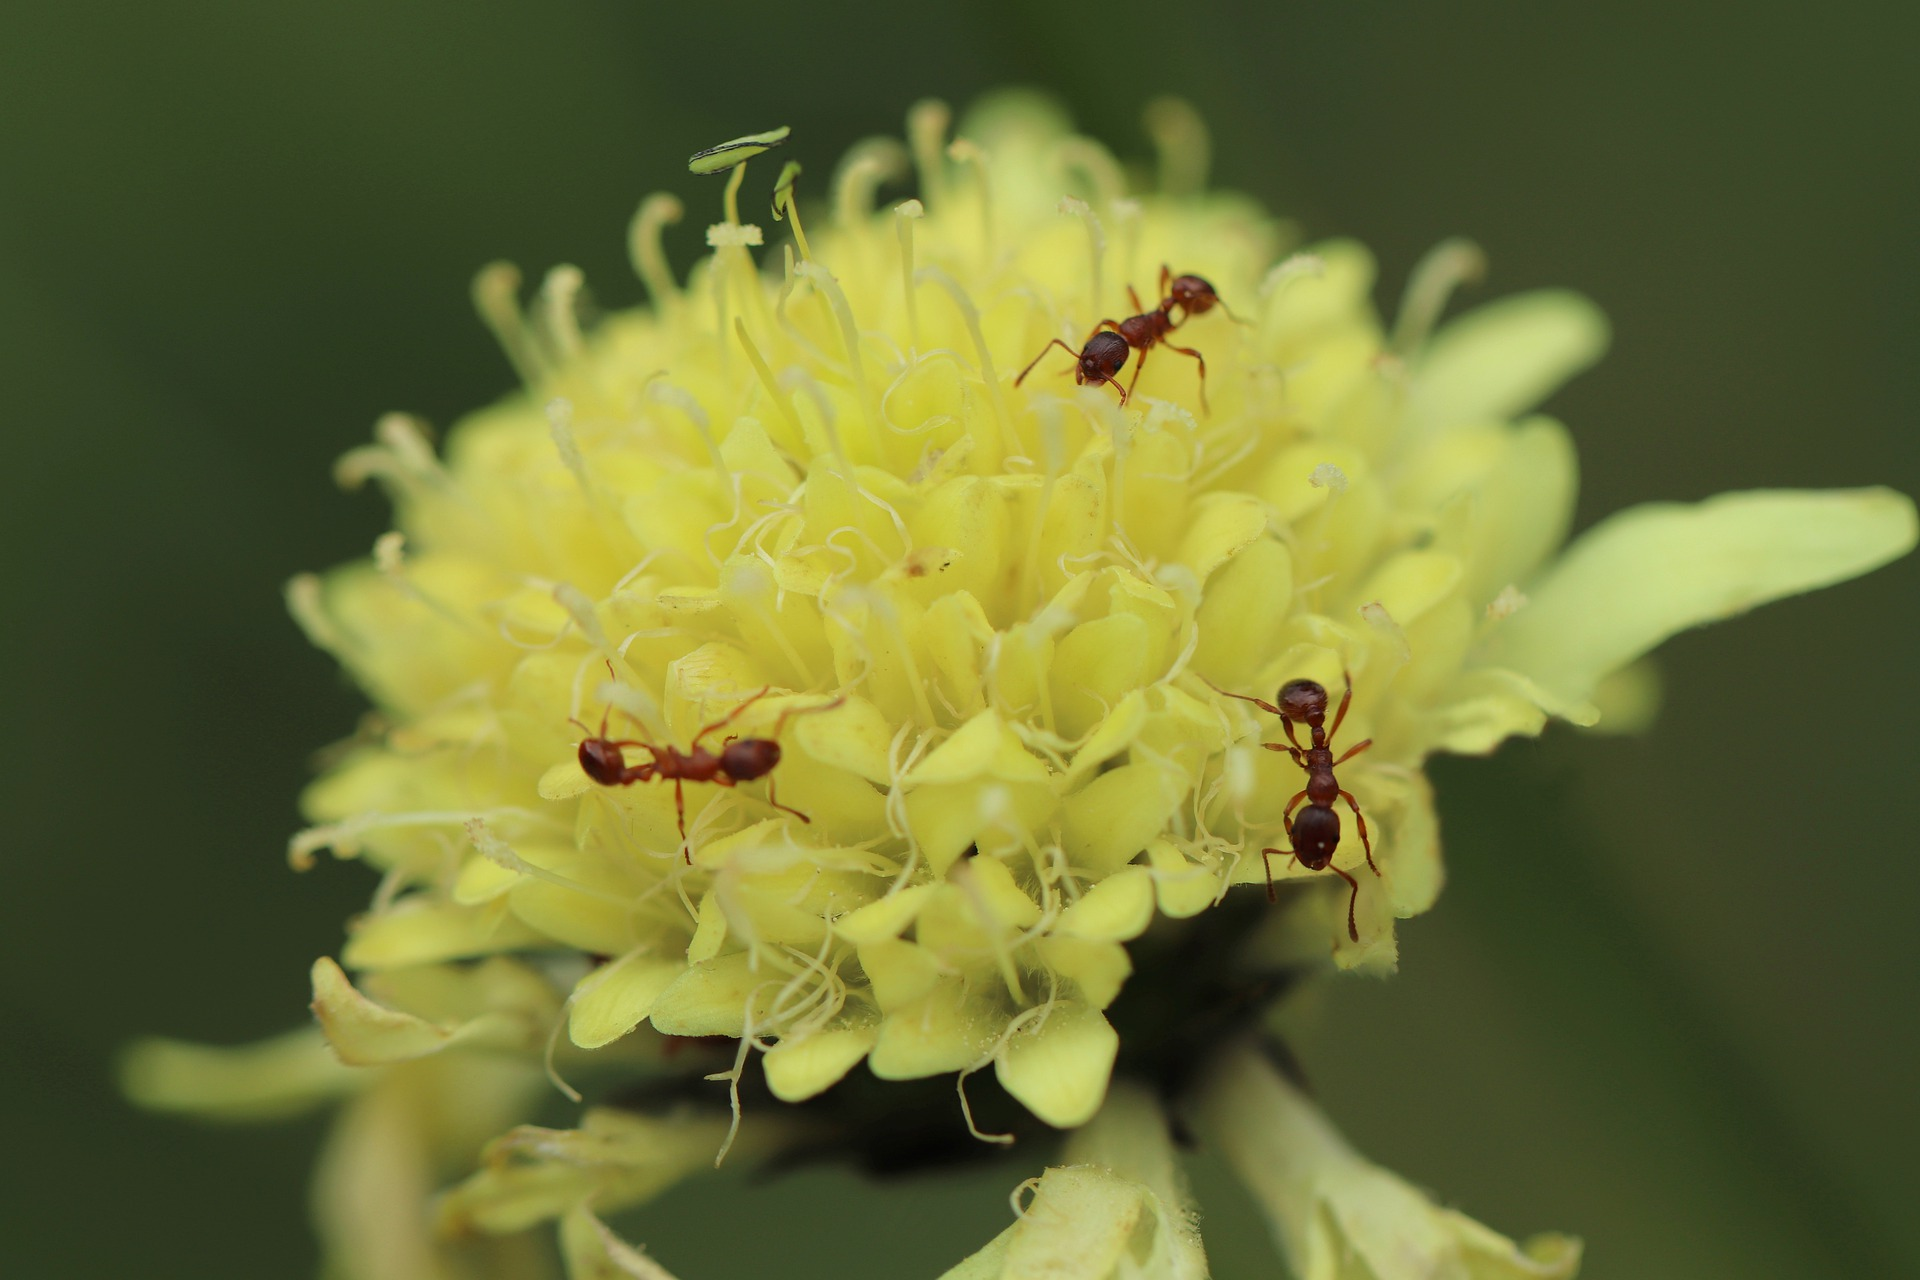 pestisida semut untuk tanaman